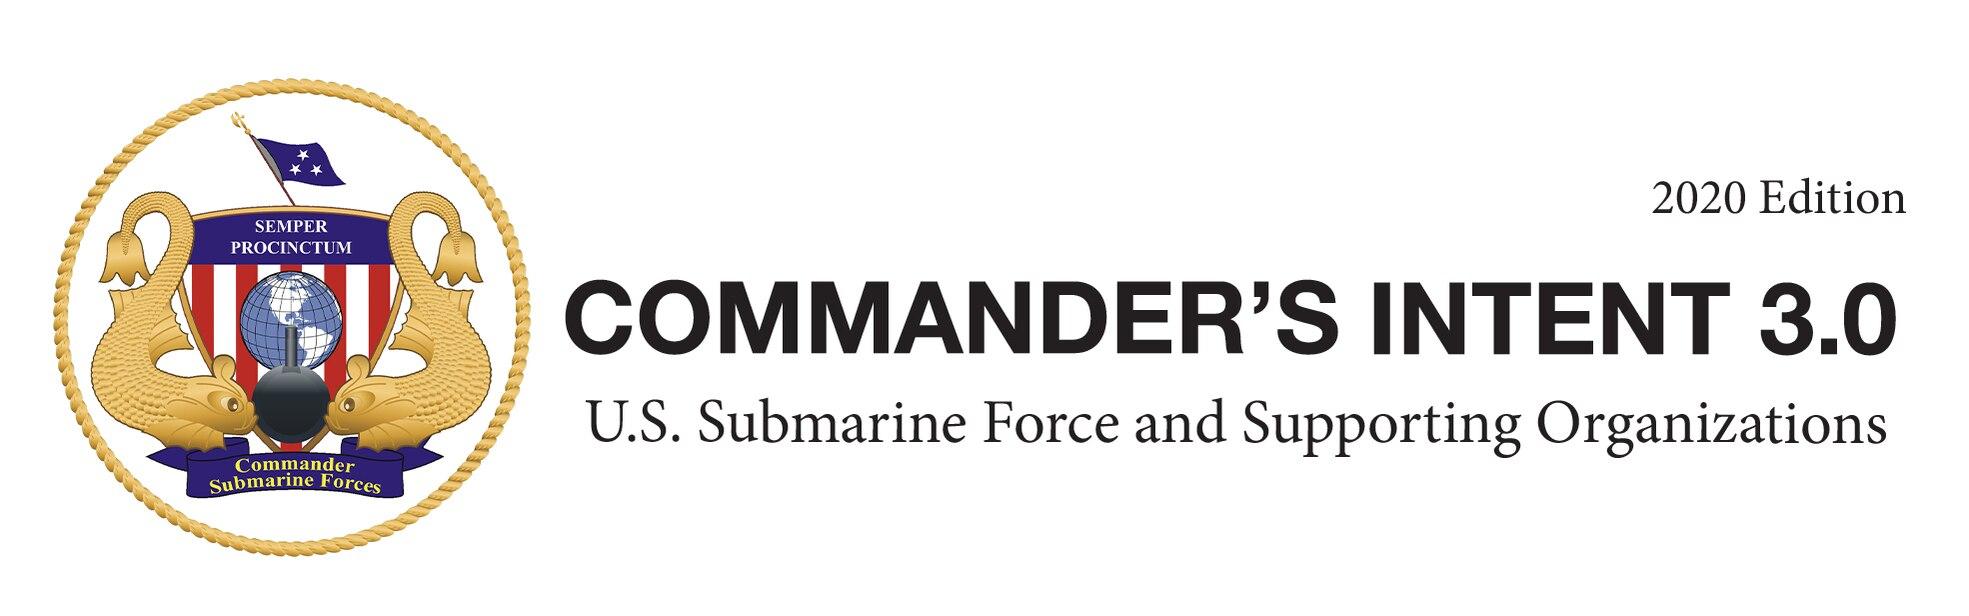 Commander's Intent 3.0